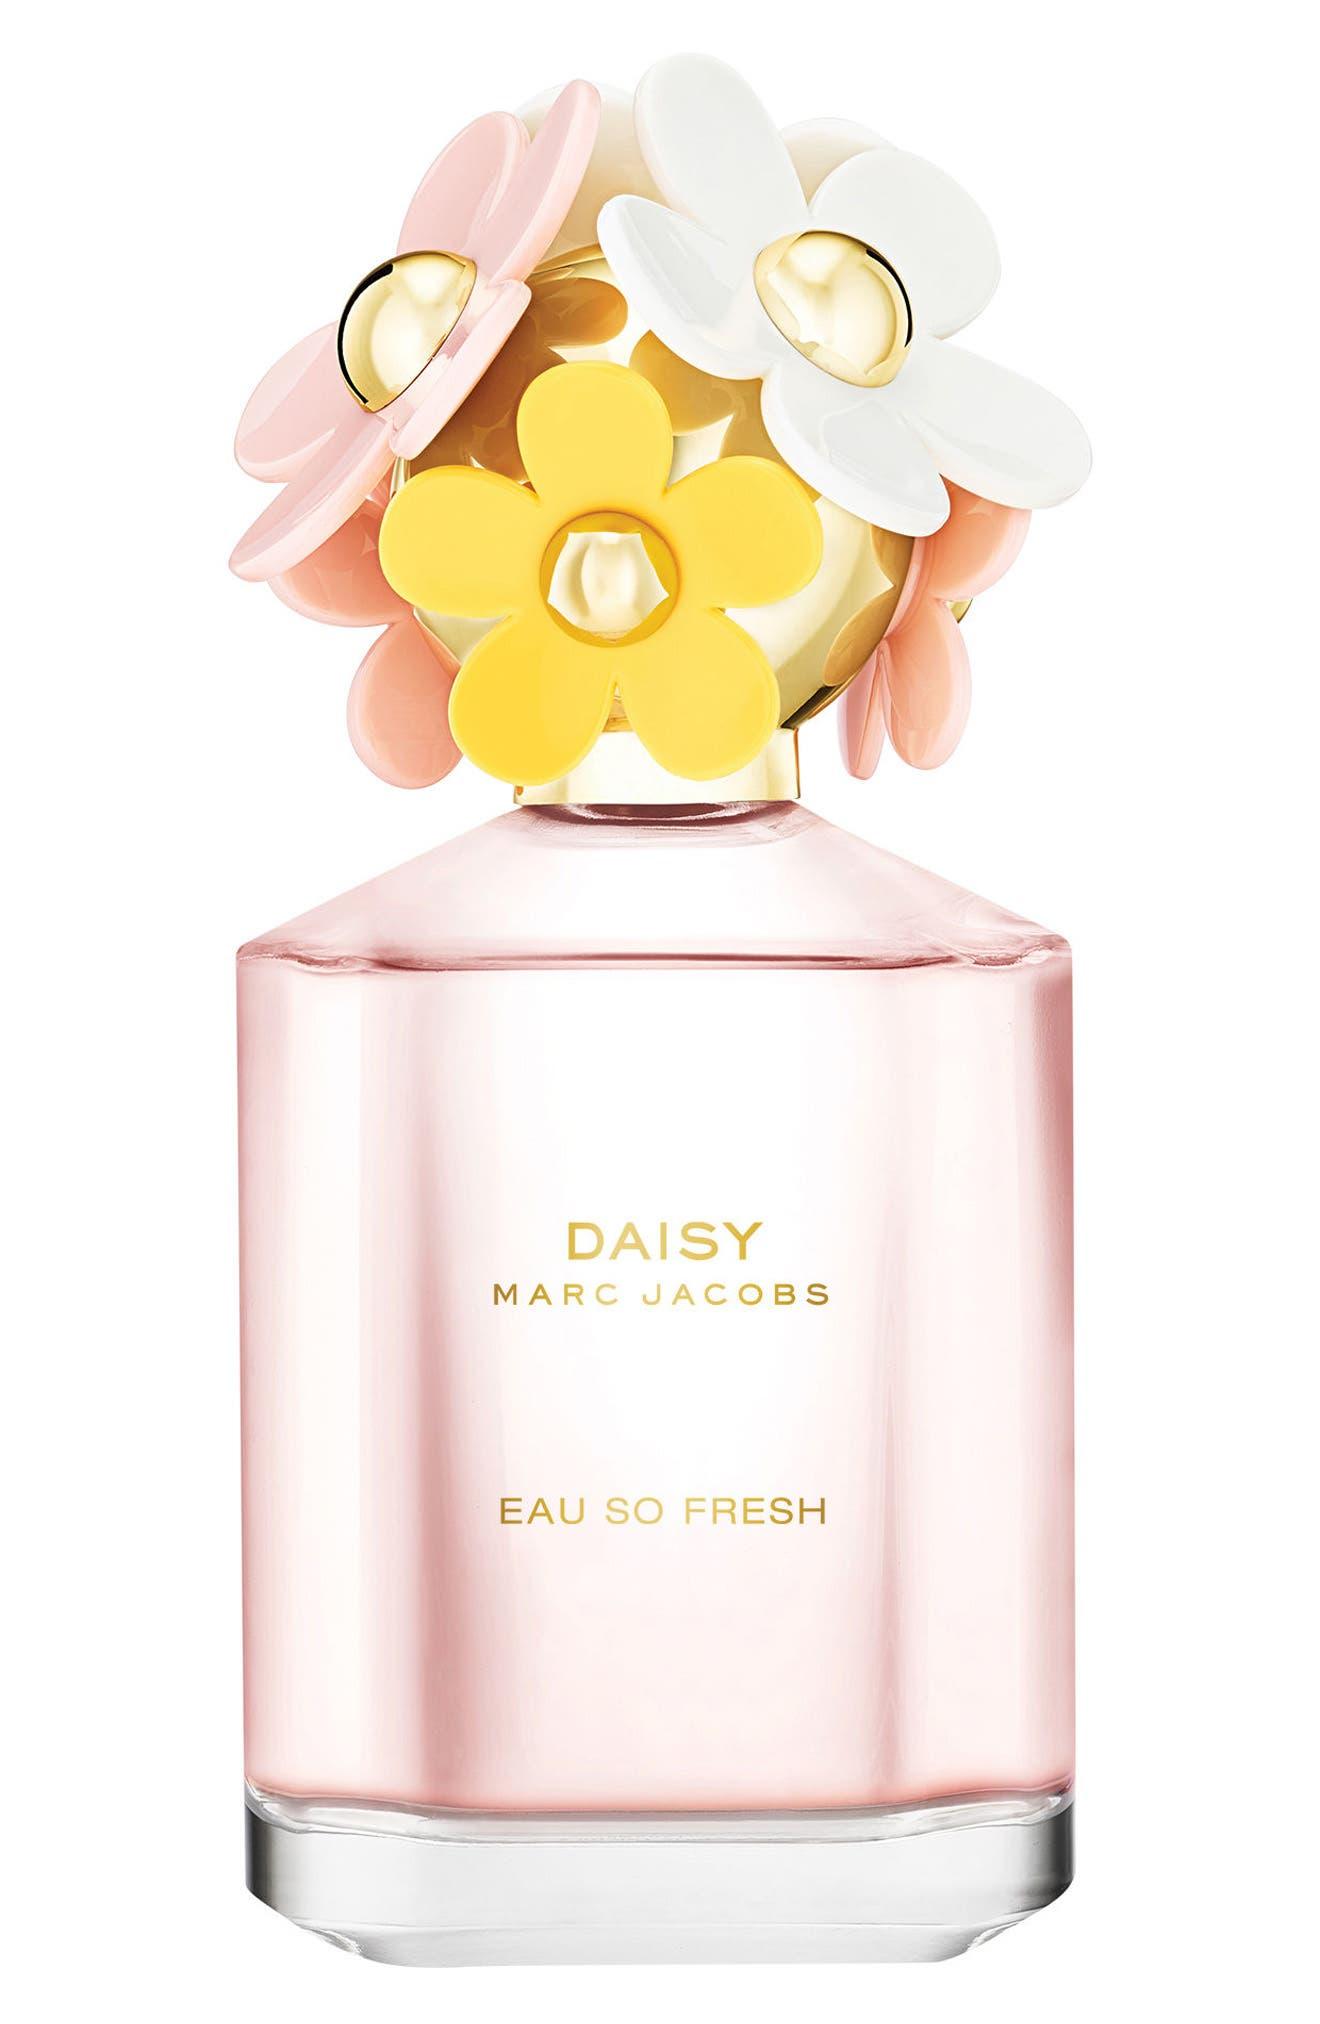 MARC JACOBS, Daisy Eau So Fresh Eau de Toilette, Main thumbnail 1, color, NO COLOR